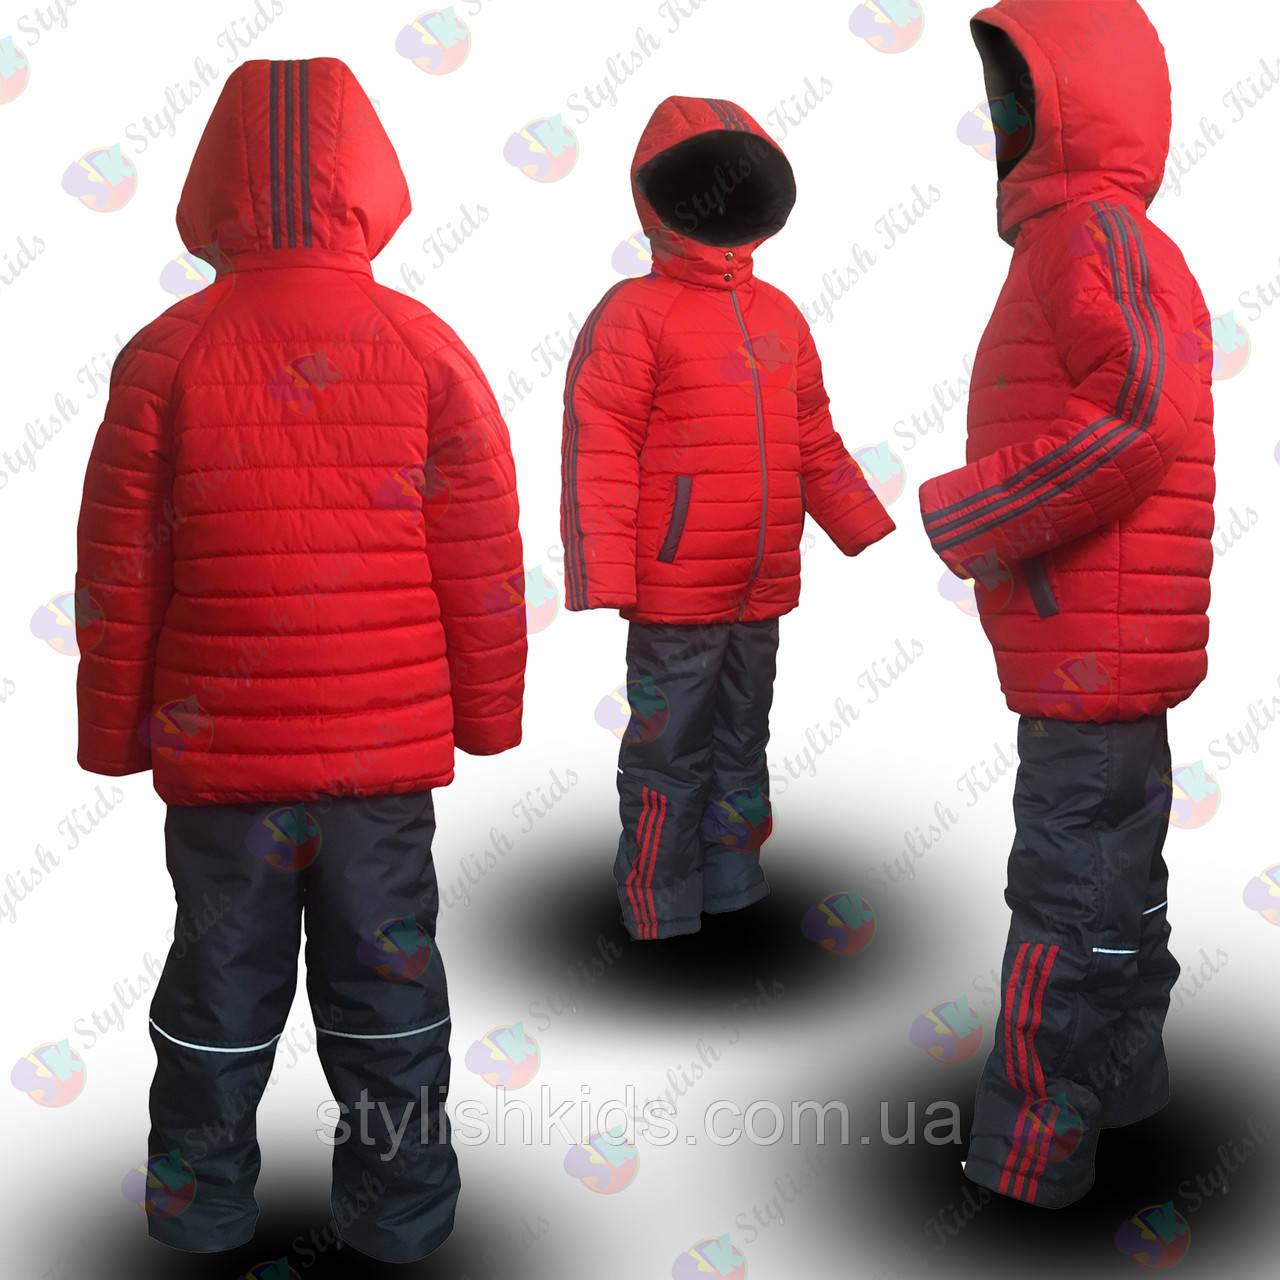 Зимний подростковый костюм адидас для мальчиков купить в интернет магазине. Купить зимний спортивный костюм . ce863415904